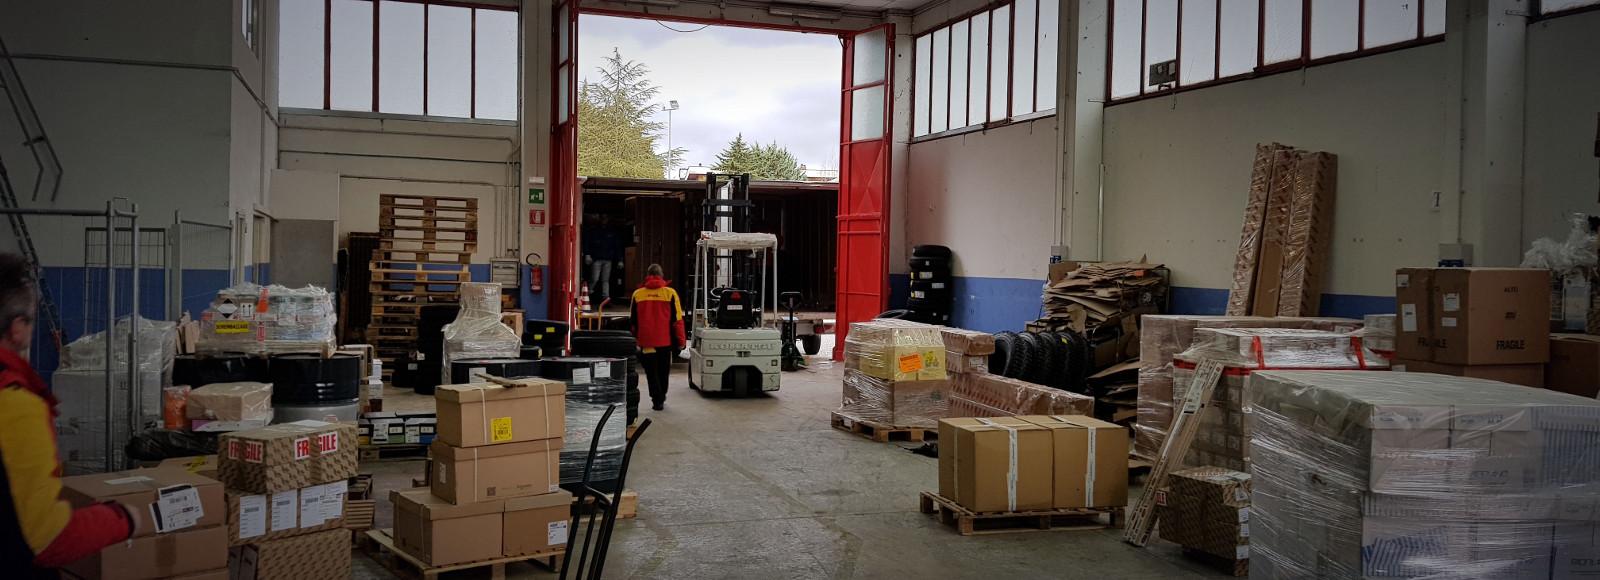 spedizioni espresse corriere mercurio campobasso magazzino logistica